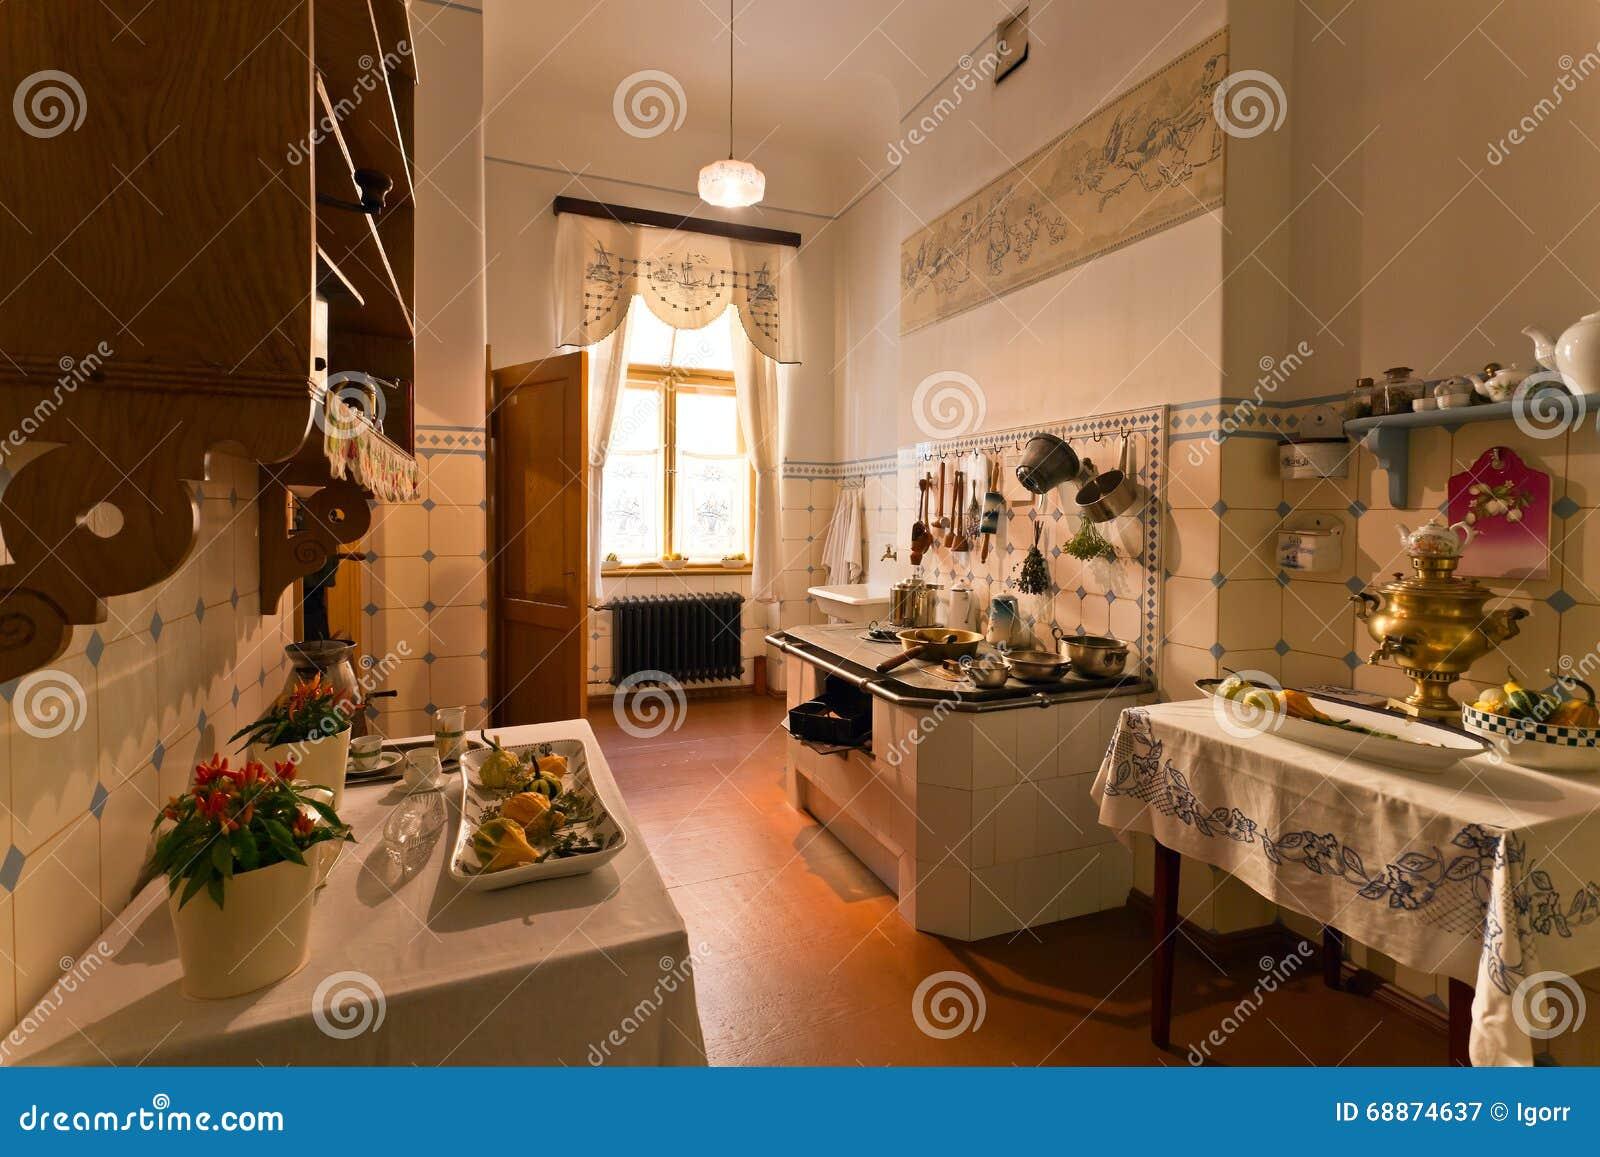 Kuchnia W Mieszkanie Domu Xix Wiek Obraz Stock Obraz Zlozonej Z